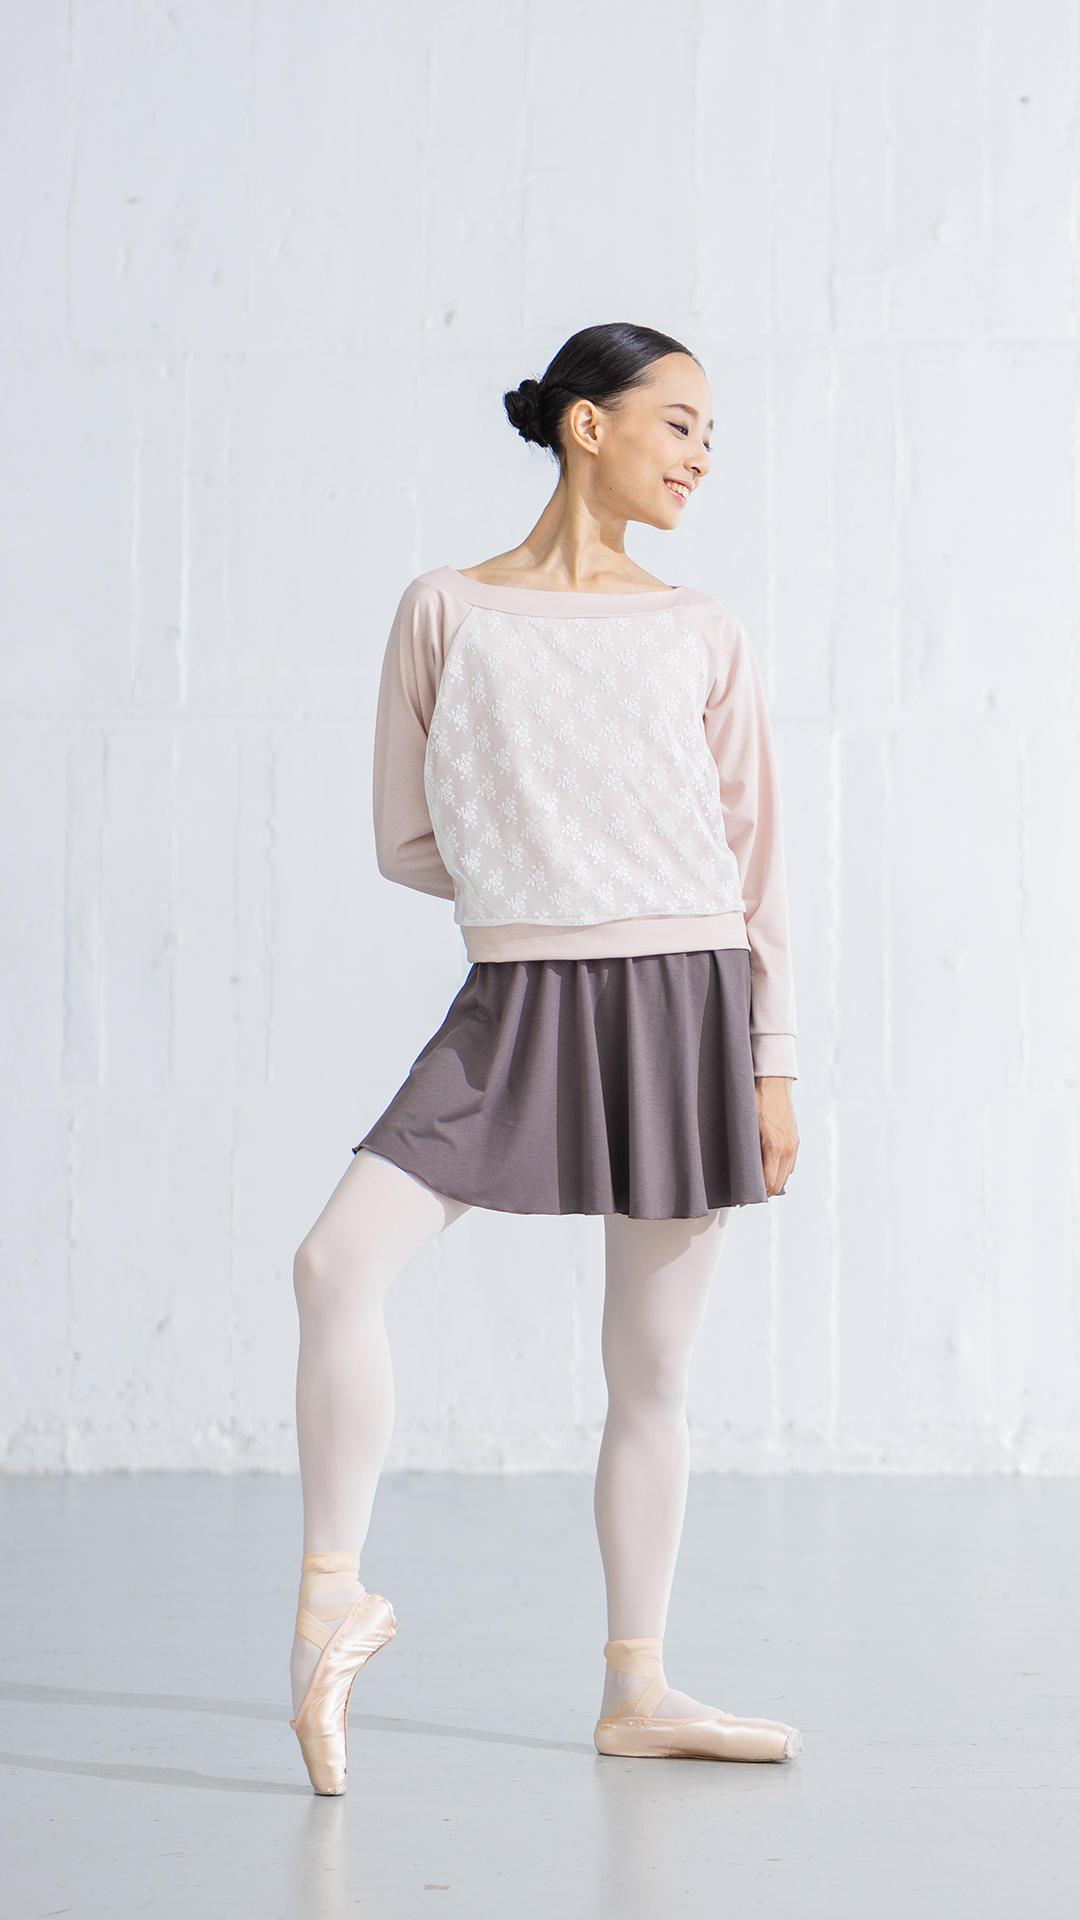 ladies_ballet_12.jpg